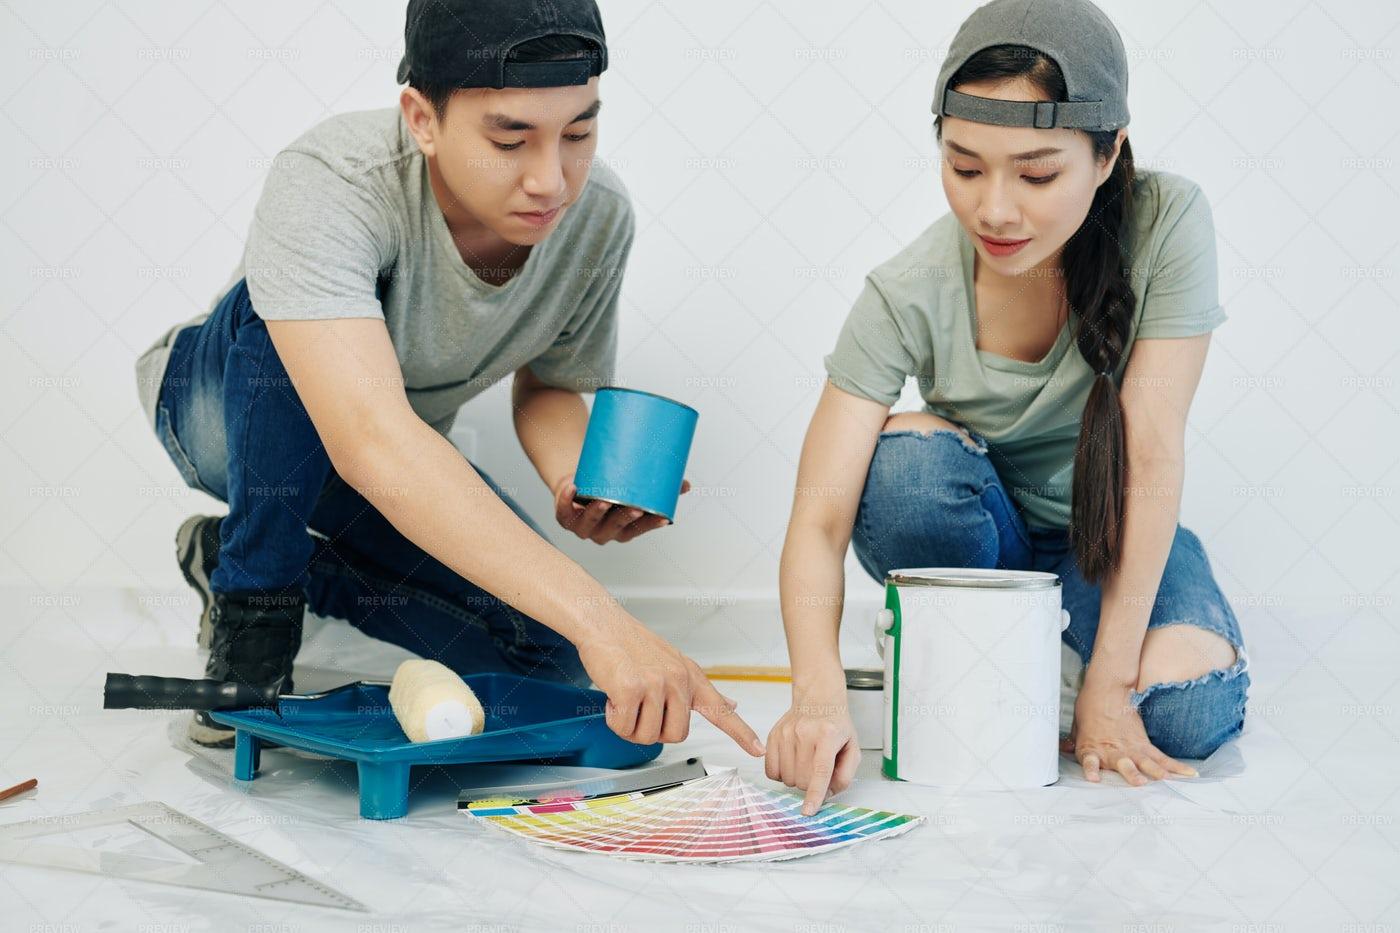 Young Couple Choosing Walls Color: Stock Photos